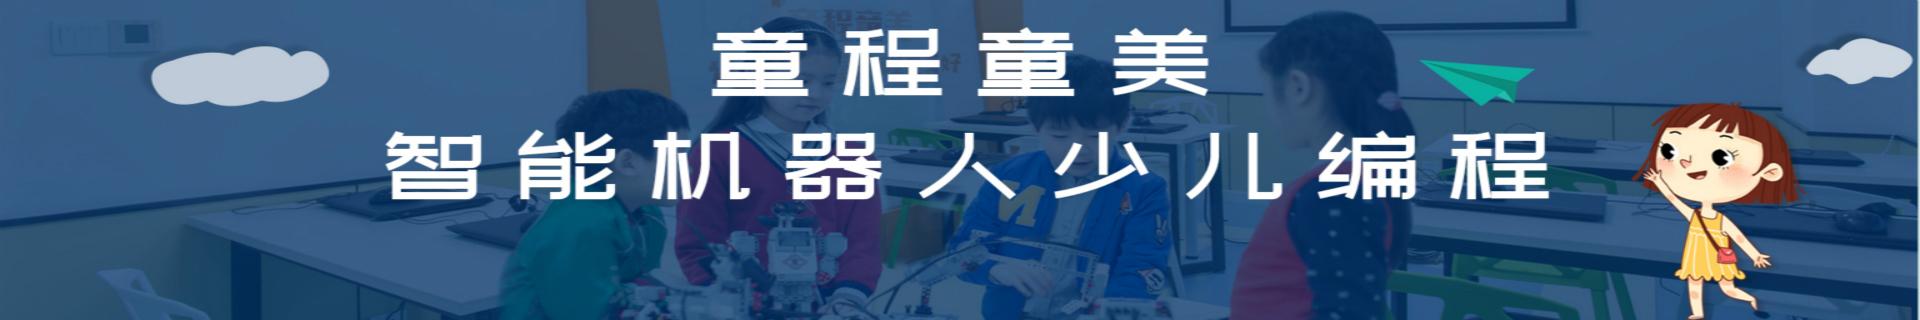 广州番禺奥园童程童美少儿编程培训